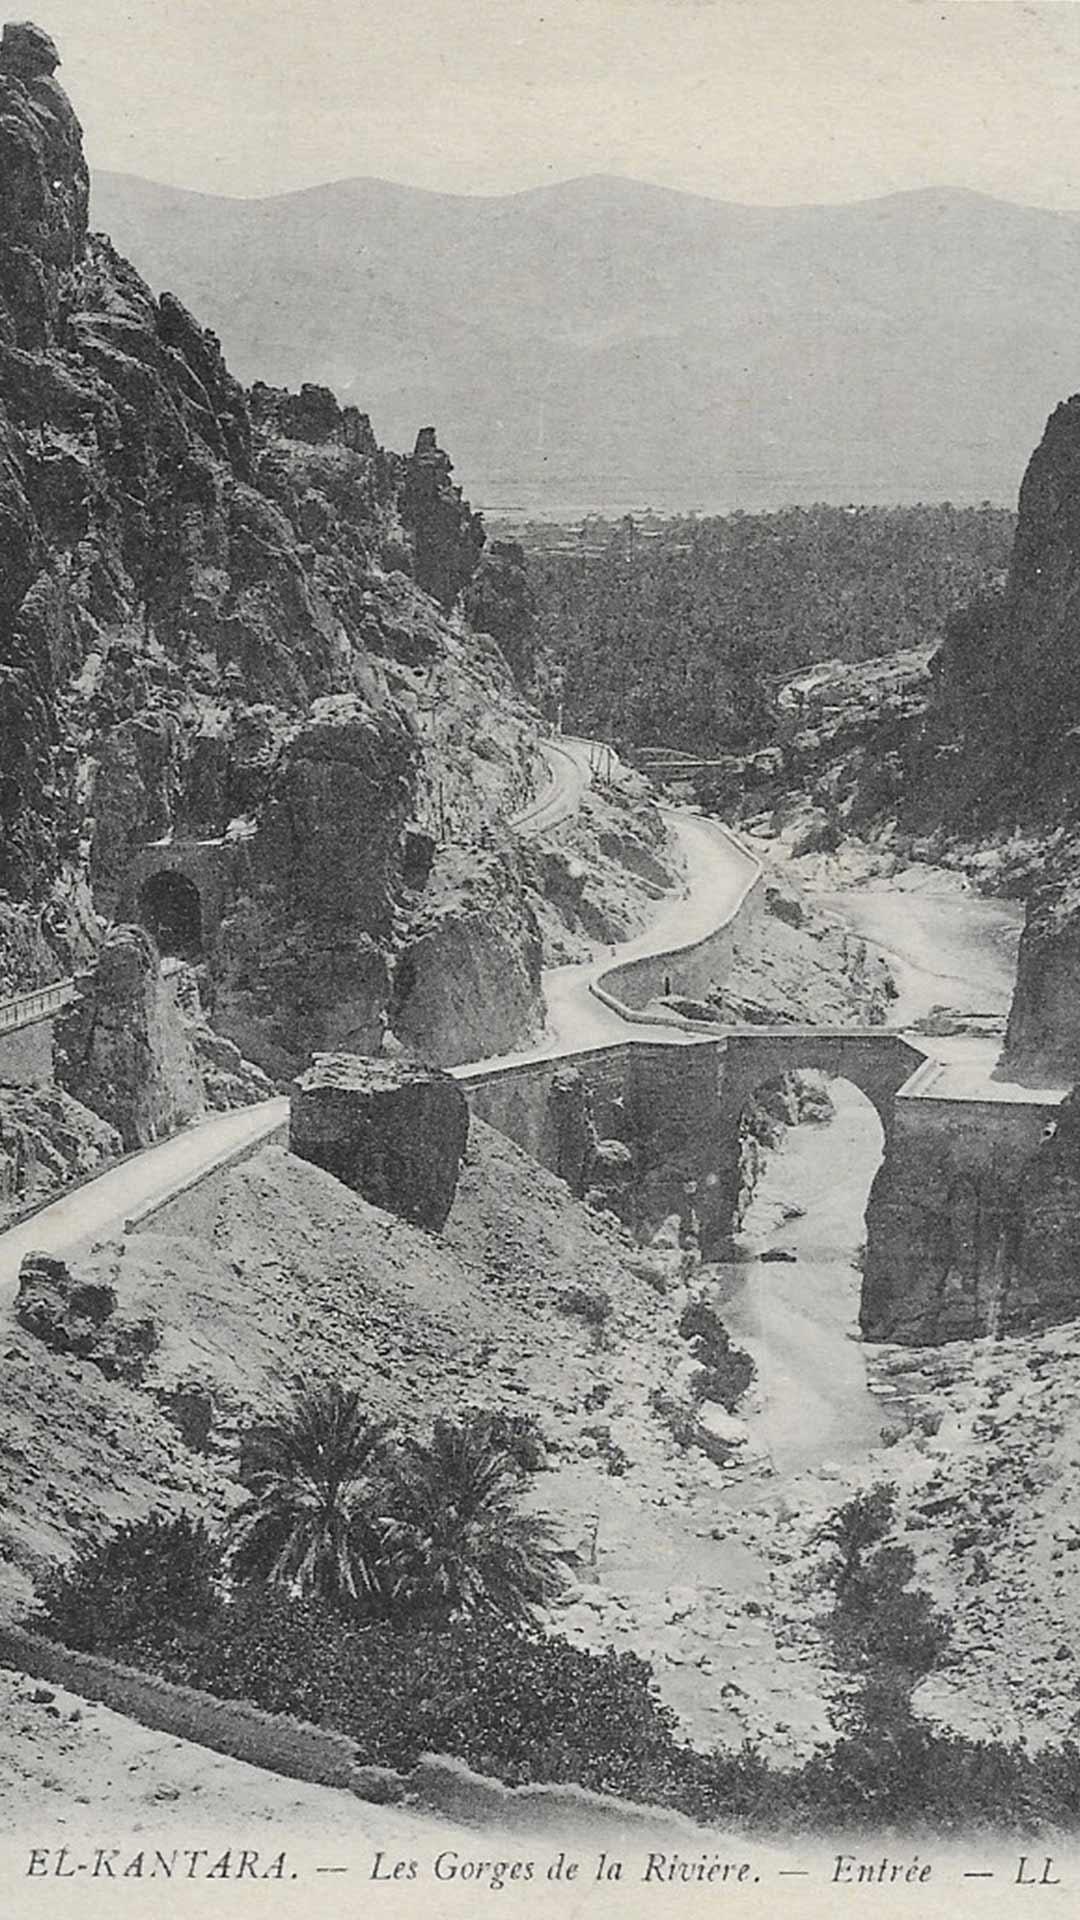 El-Kantara-Gorge